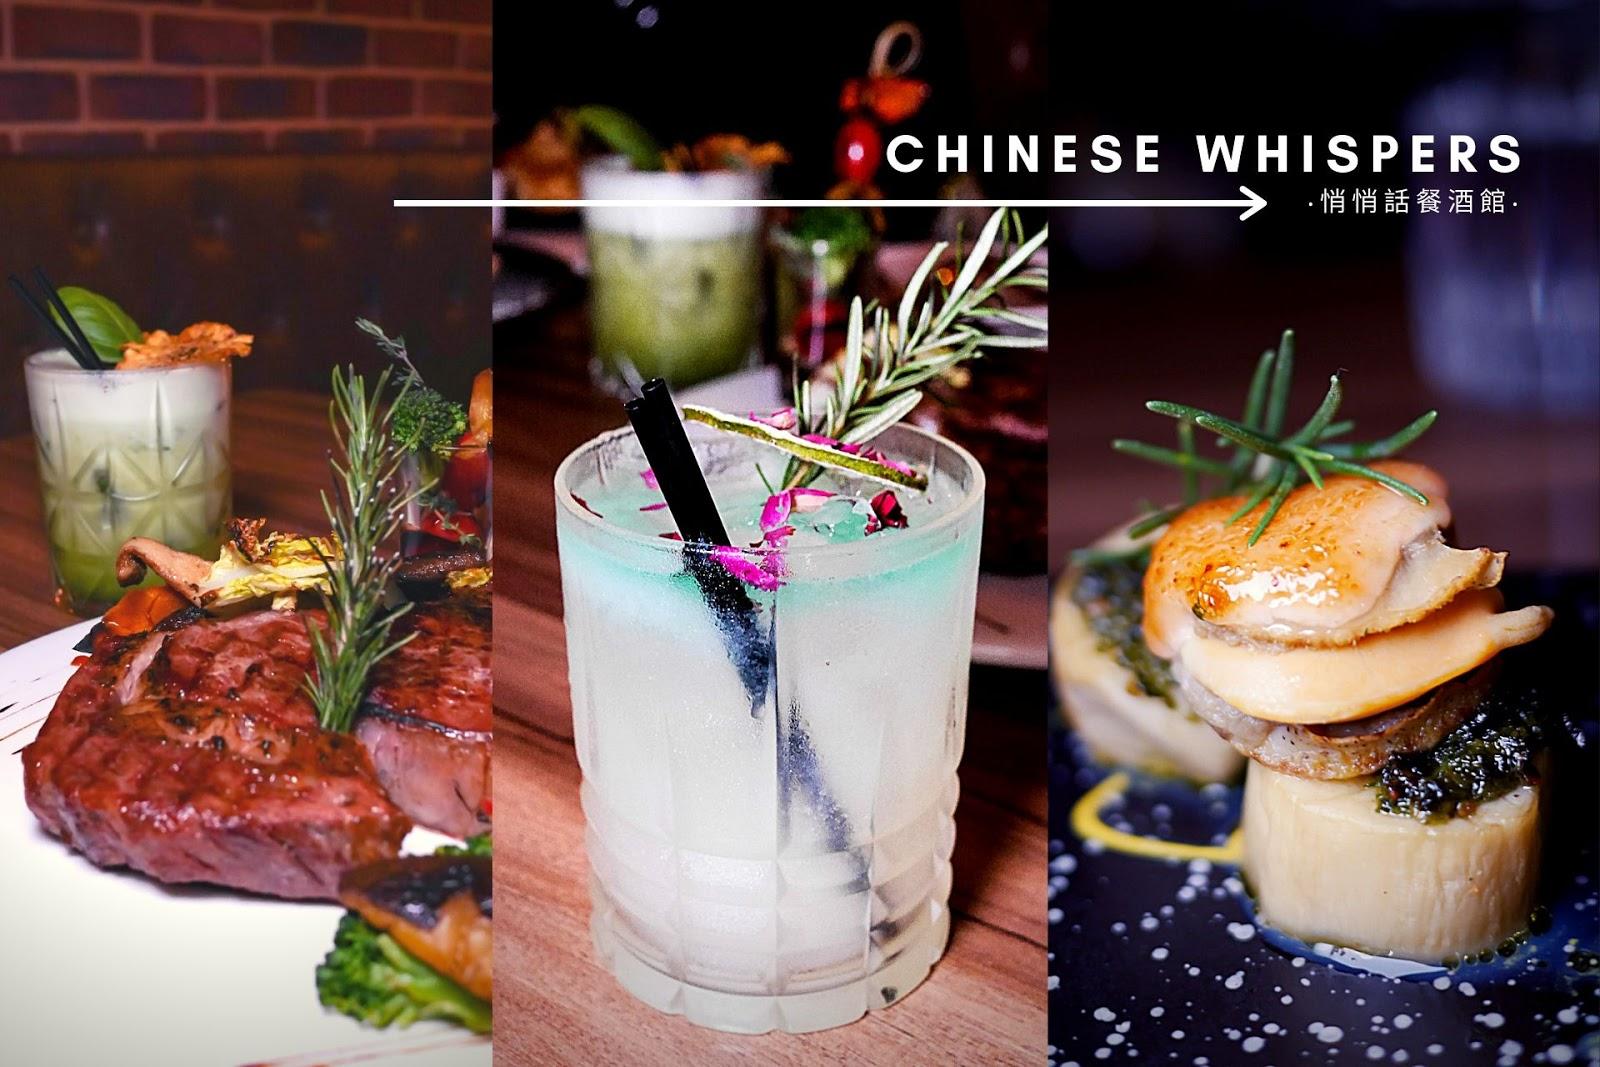 【東區餐酒館】悄悄話餐酒館 chinese whispers 顛覆傳統「悄悄話冰茶」